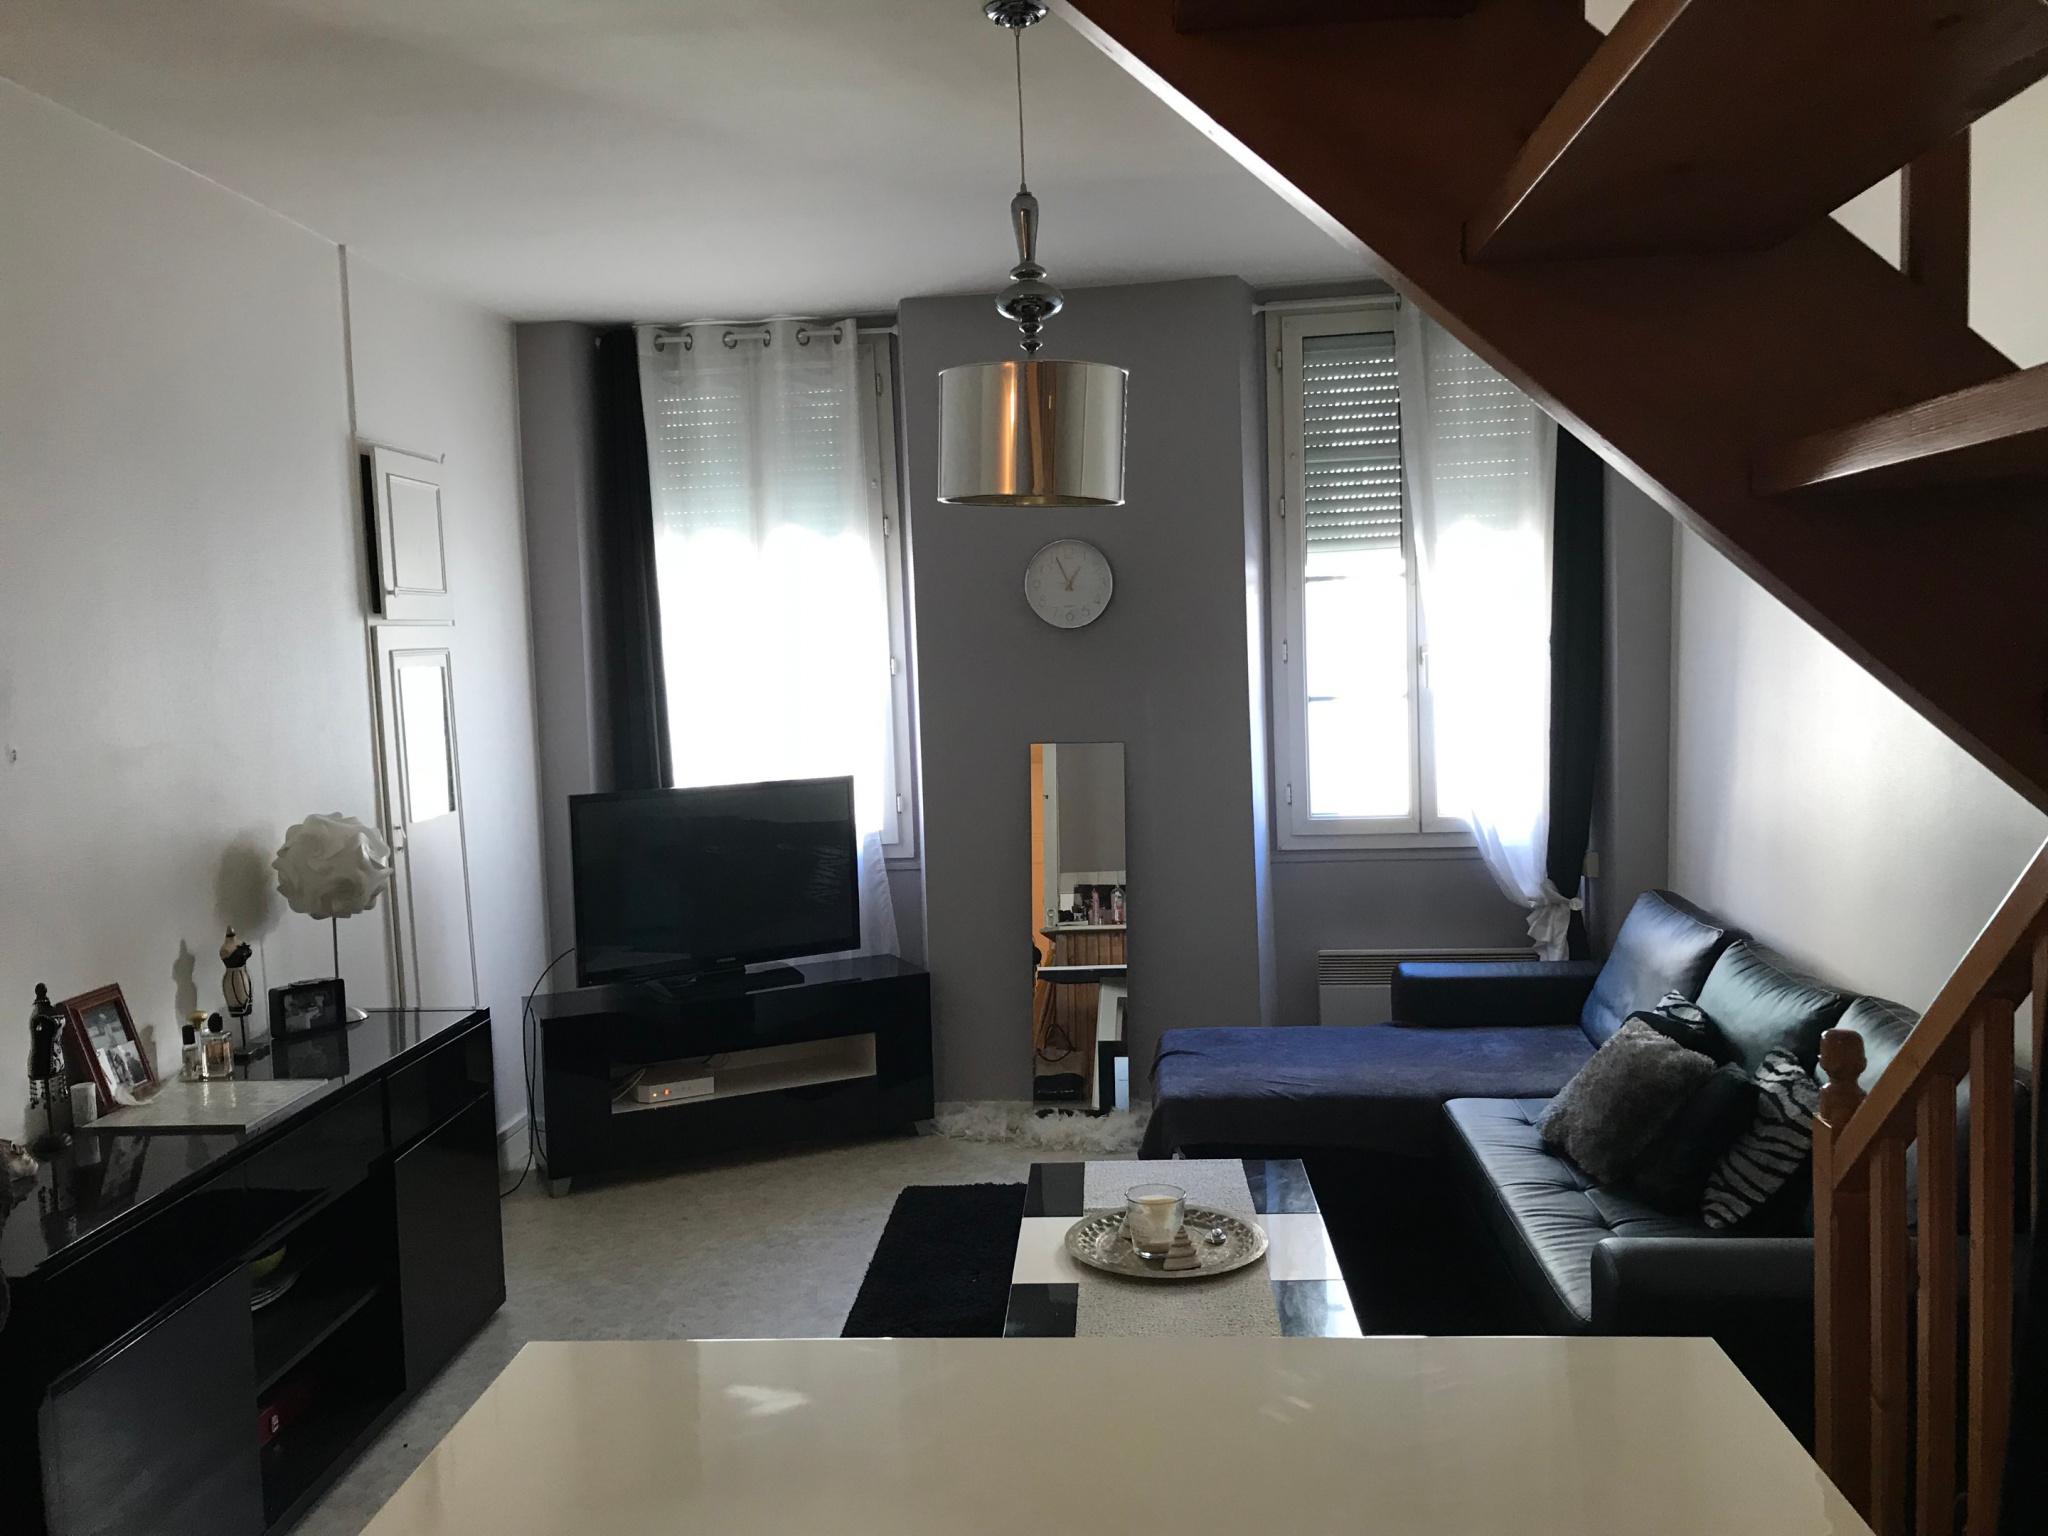 Vente appartement 2 pièces villeneuve sur lot 47300